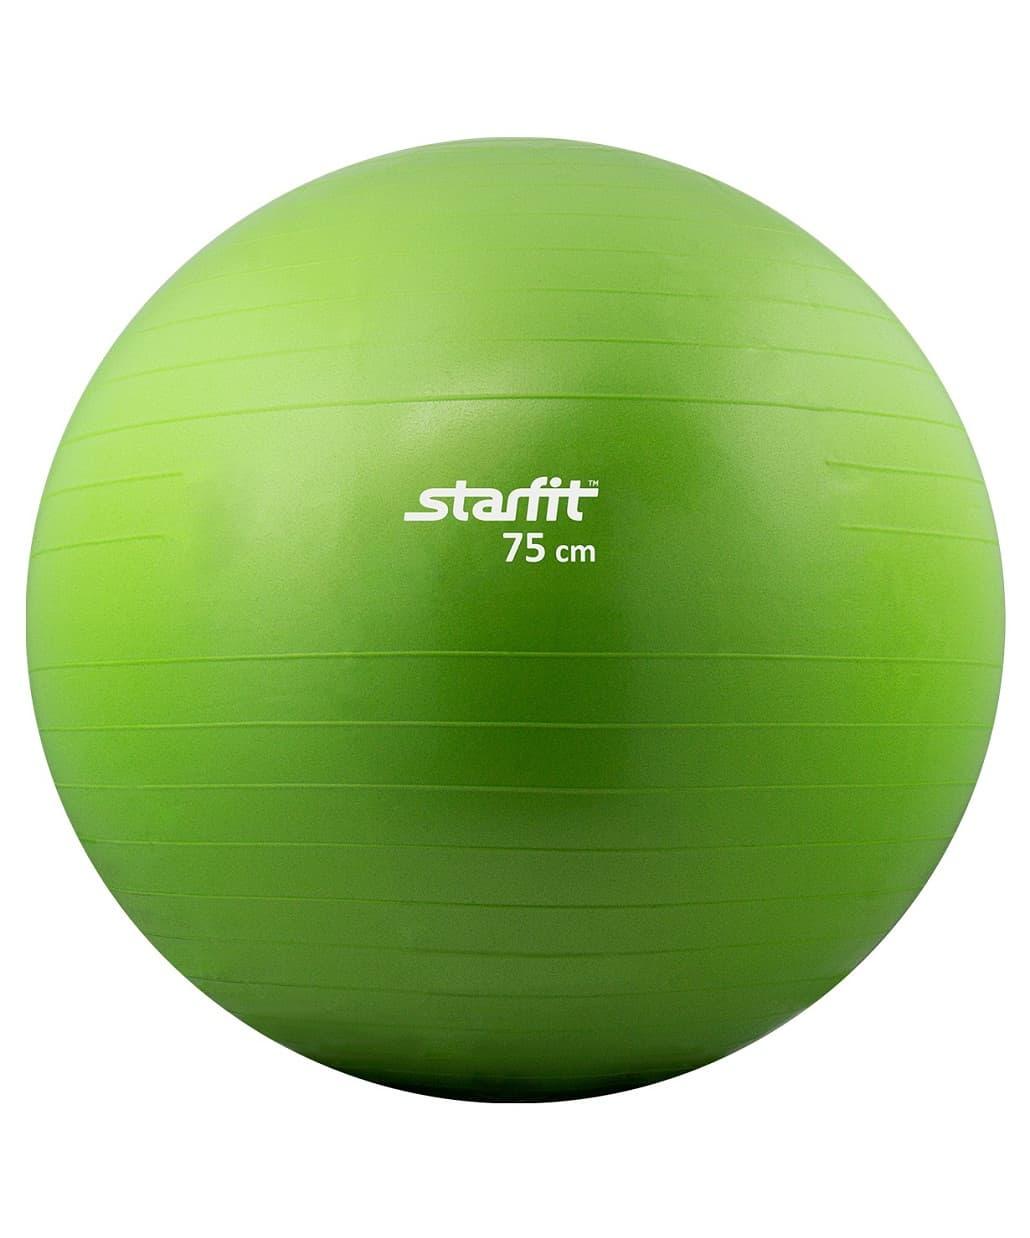 Мяч для фитнеса Starfit Мяч гимнастический GB-101 75 см, антивзрыв, зеленый мяч гимнастический starfit антивзрыв gb 101 фиолетовый 85 см